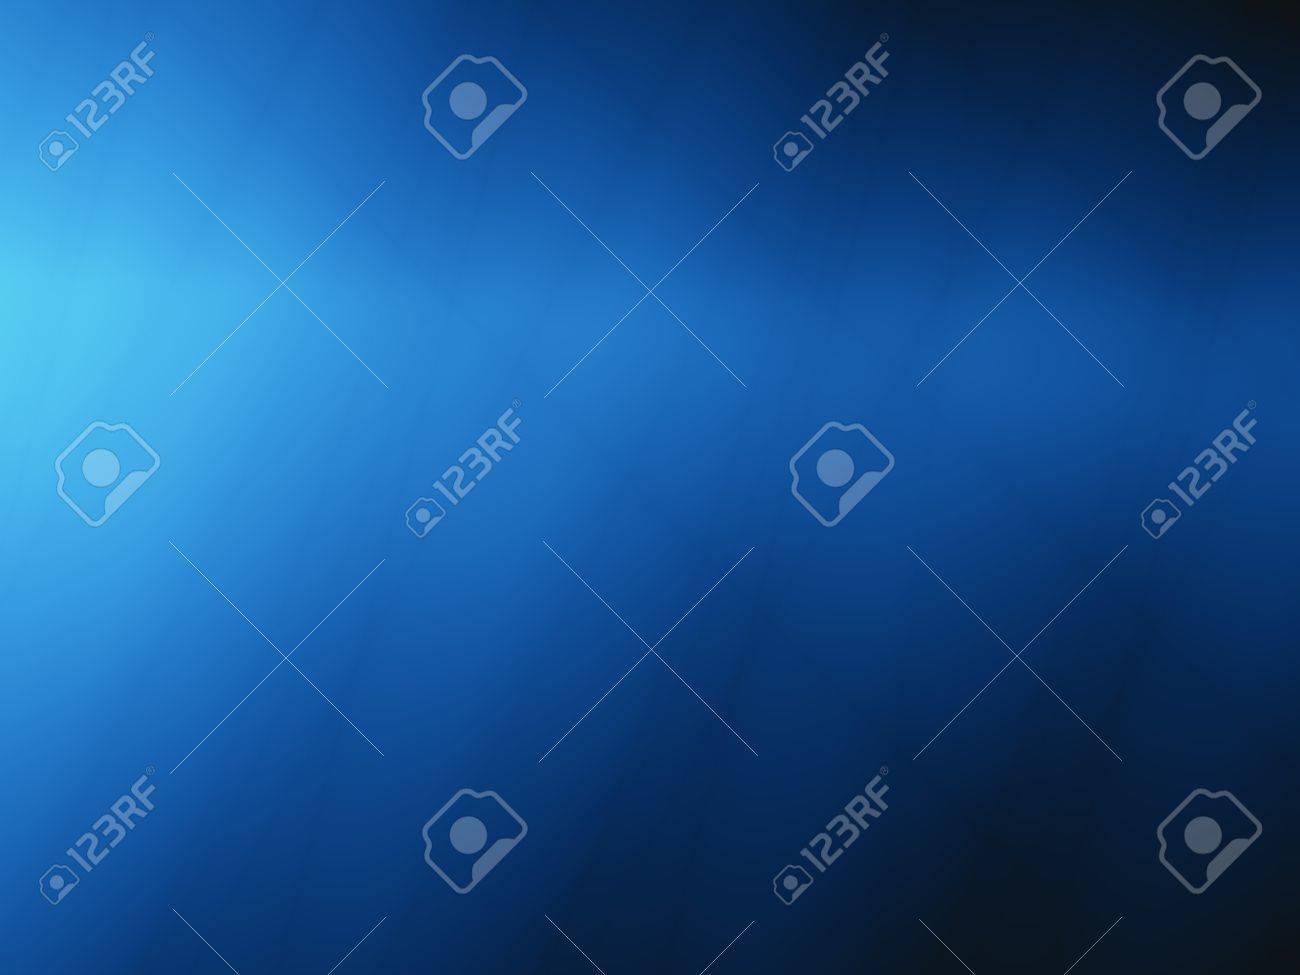 エネルギーの青色カード壁紙デザイン の写真素材 画像素材 Image